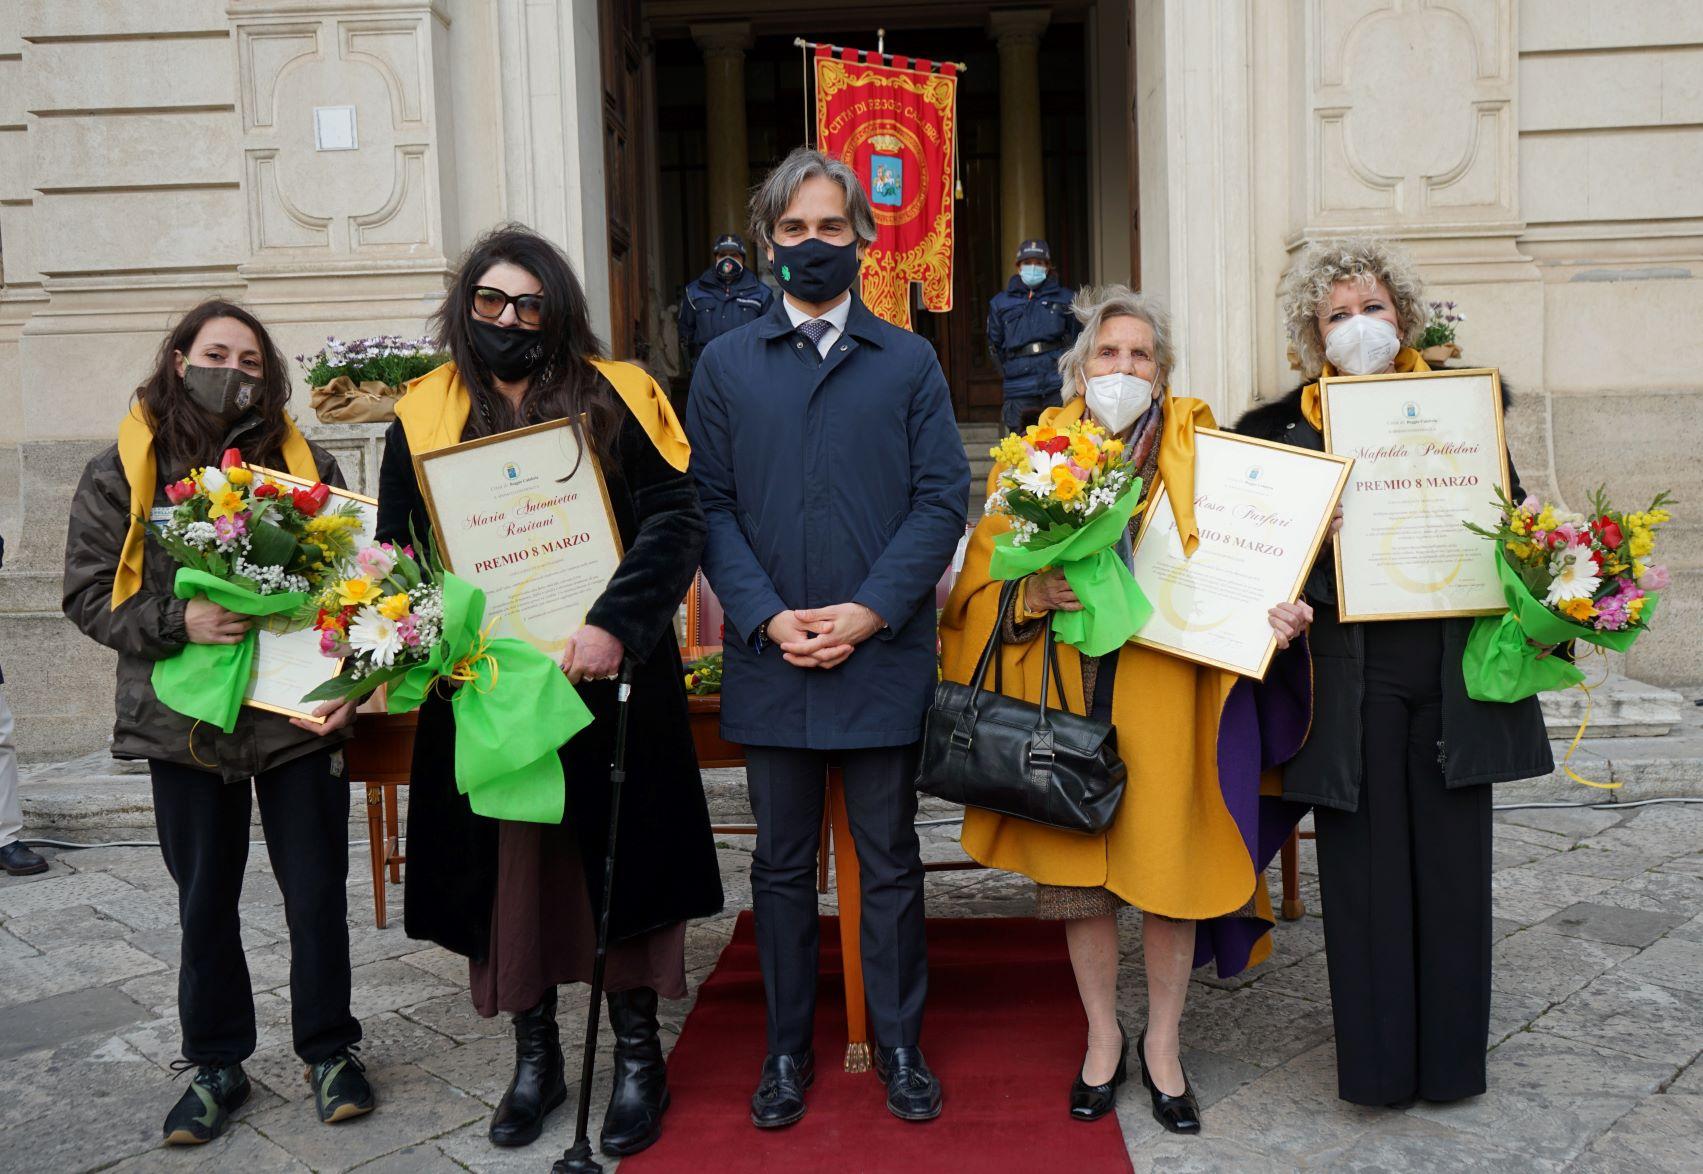 """Il Premio """"8 marzo"""" ad Maria Antonietta Rositani, Ilaria D'Anna, Rosa Furfari e Mafalda Pollidori"""